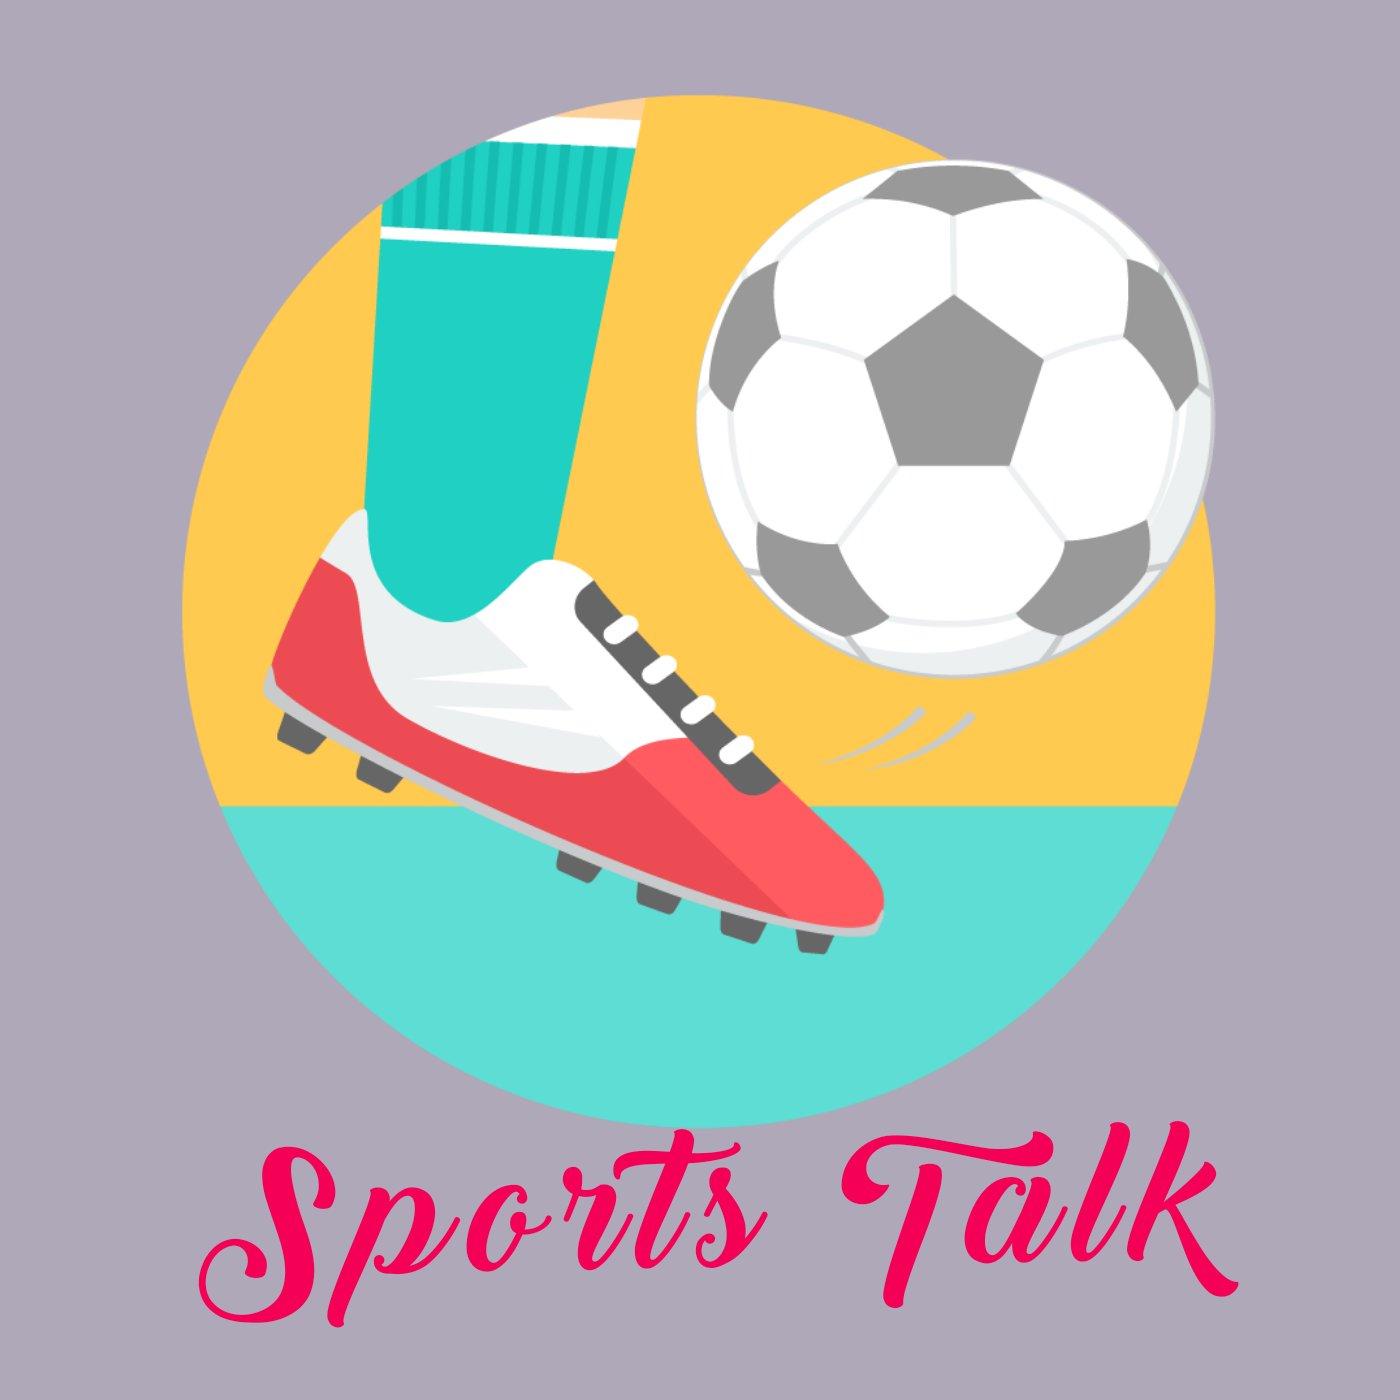 Sports Talk On Twitter Full Screen Whatsapp Status Follow